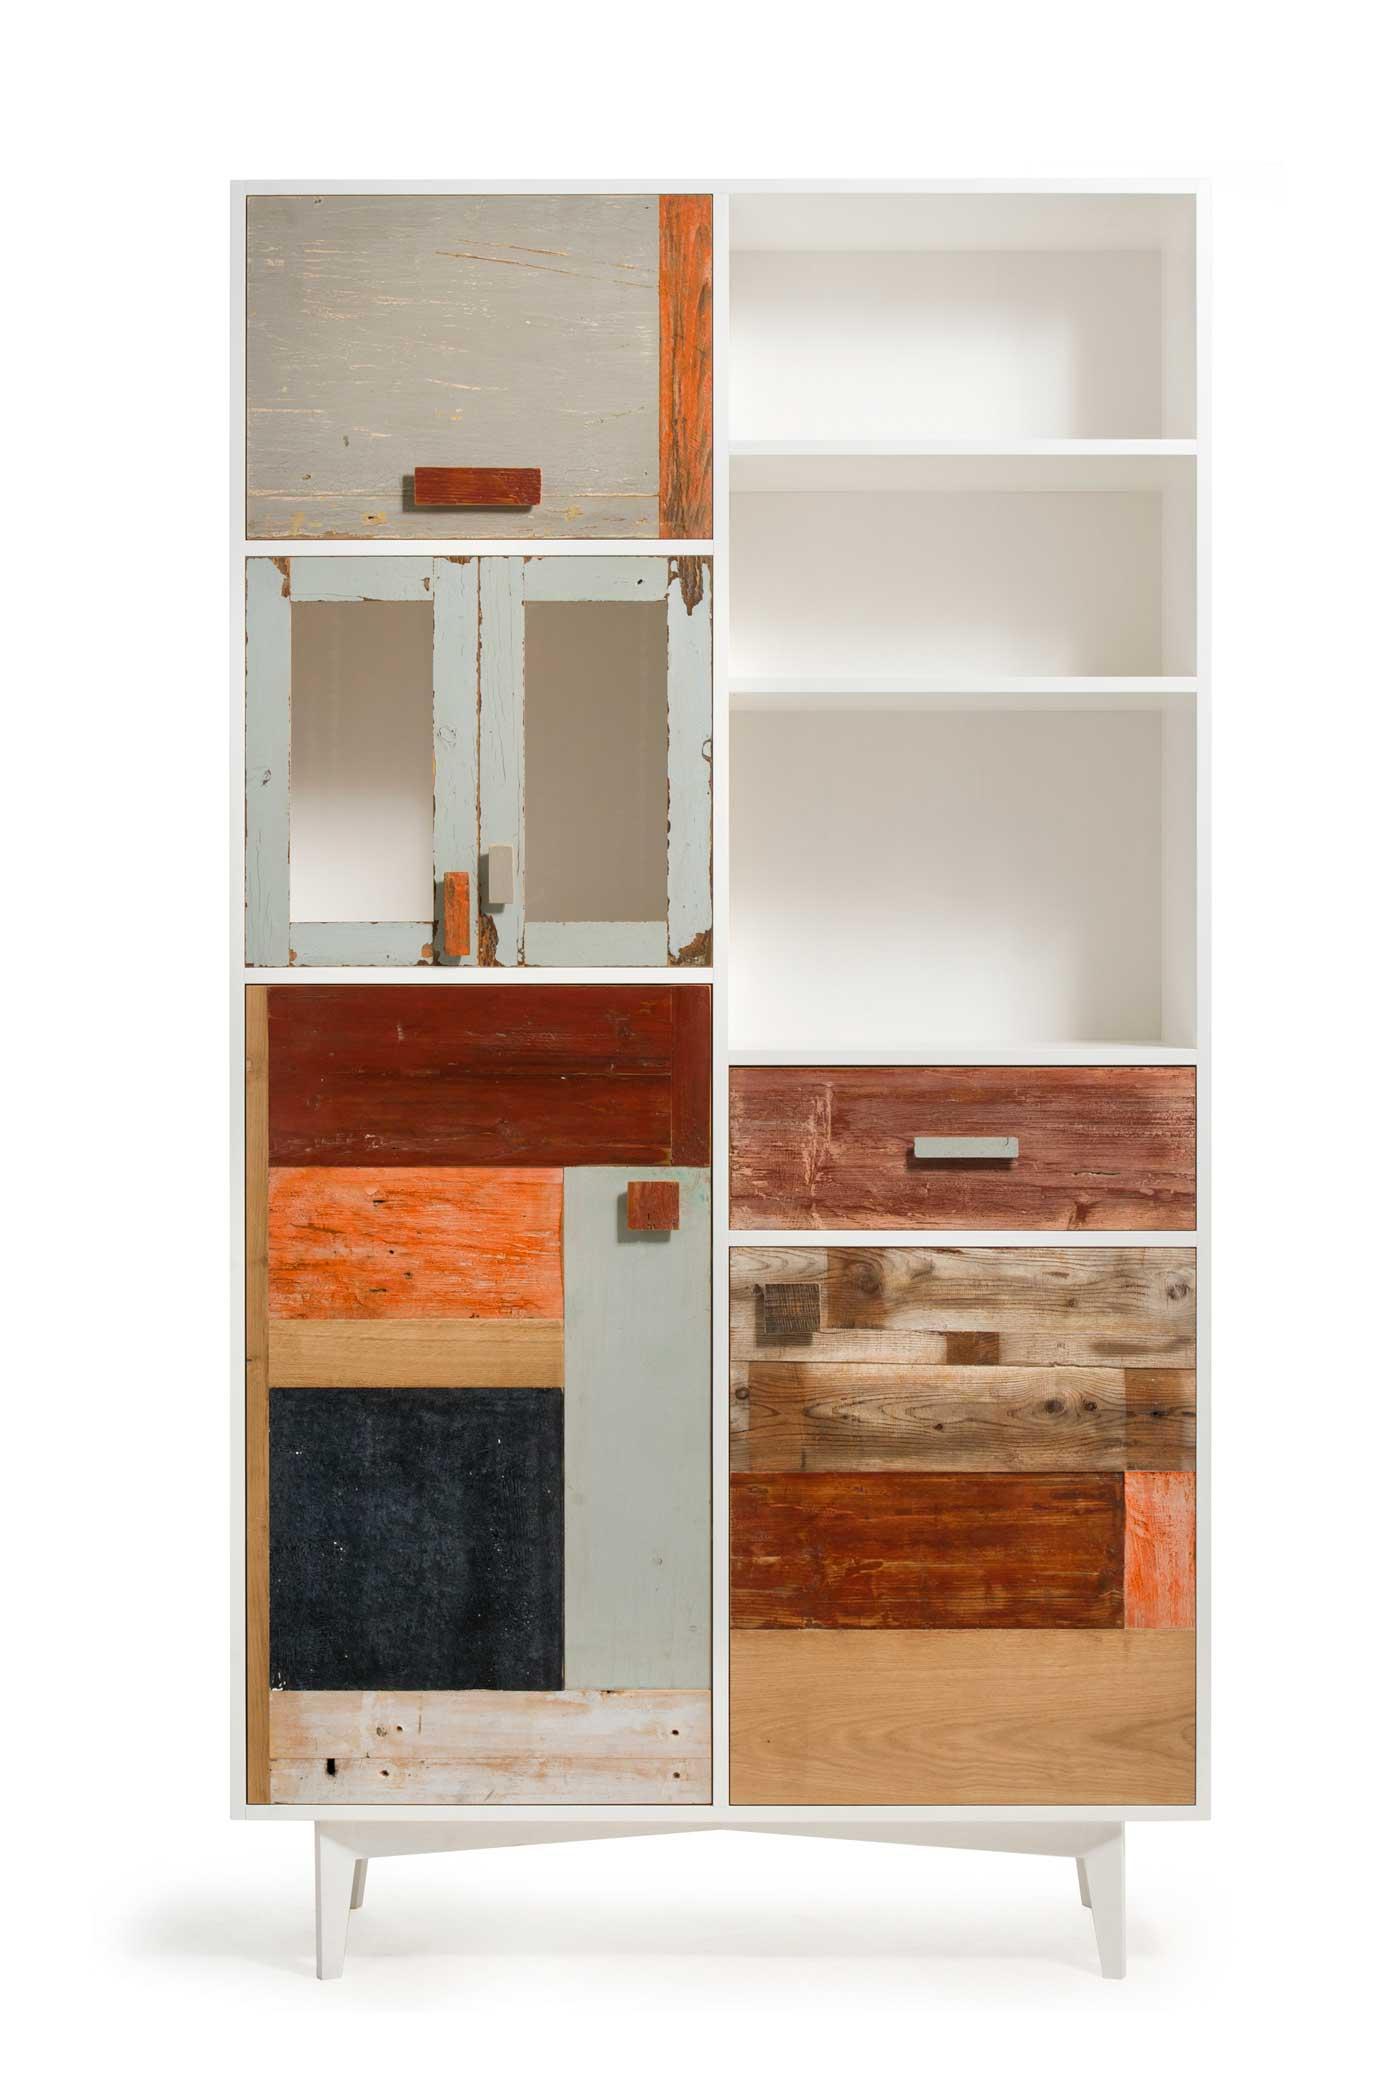 Dispensa in legno di riciclato e legno restaurato a mano. DIversi tipi di legno antico per le ante e struttura in legno laccato bianco.